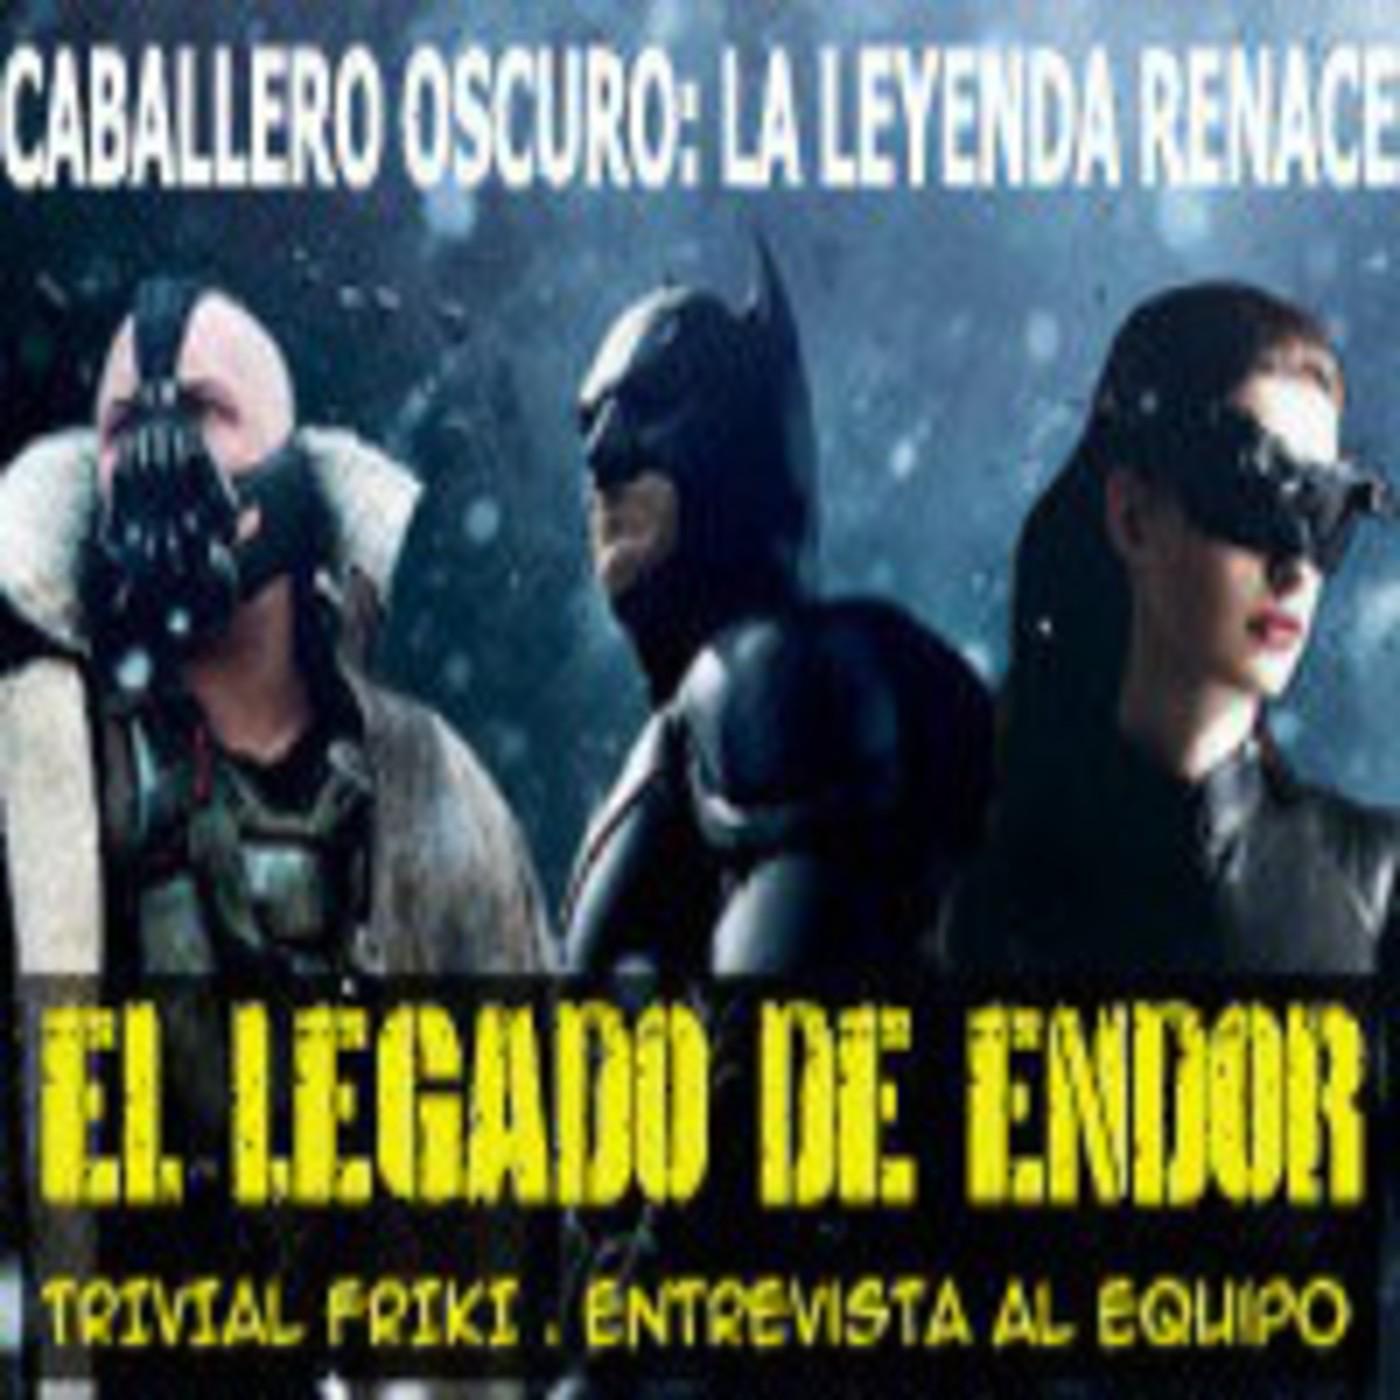 ELDE 24-julio-2012 crítica Caballero Oscuro:La leyenda renace, entrevista al equipo LODE, Trivial Friki y mucho más